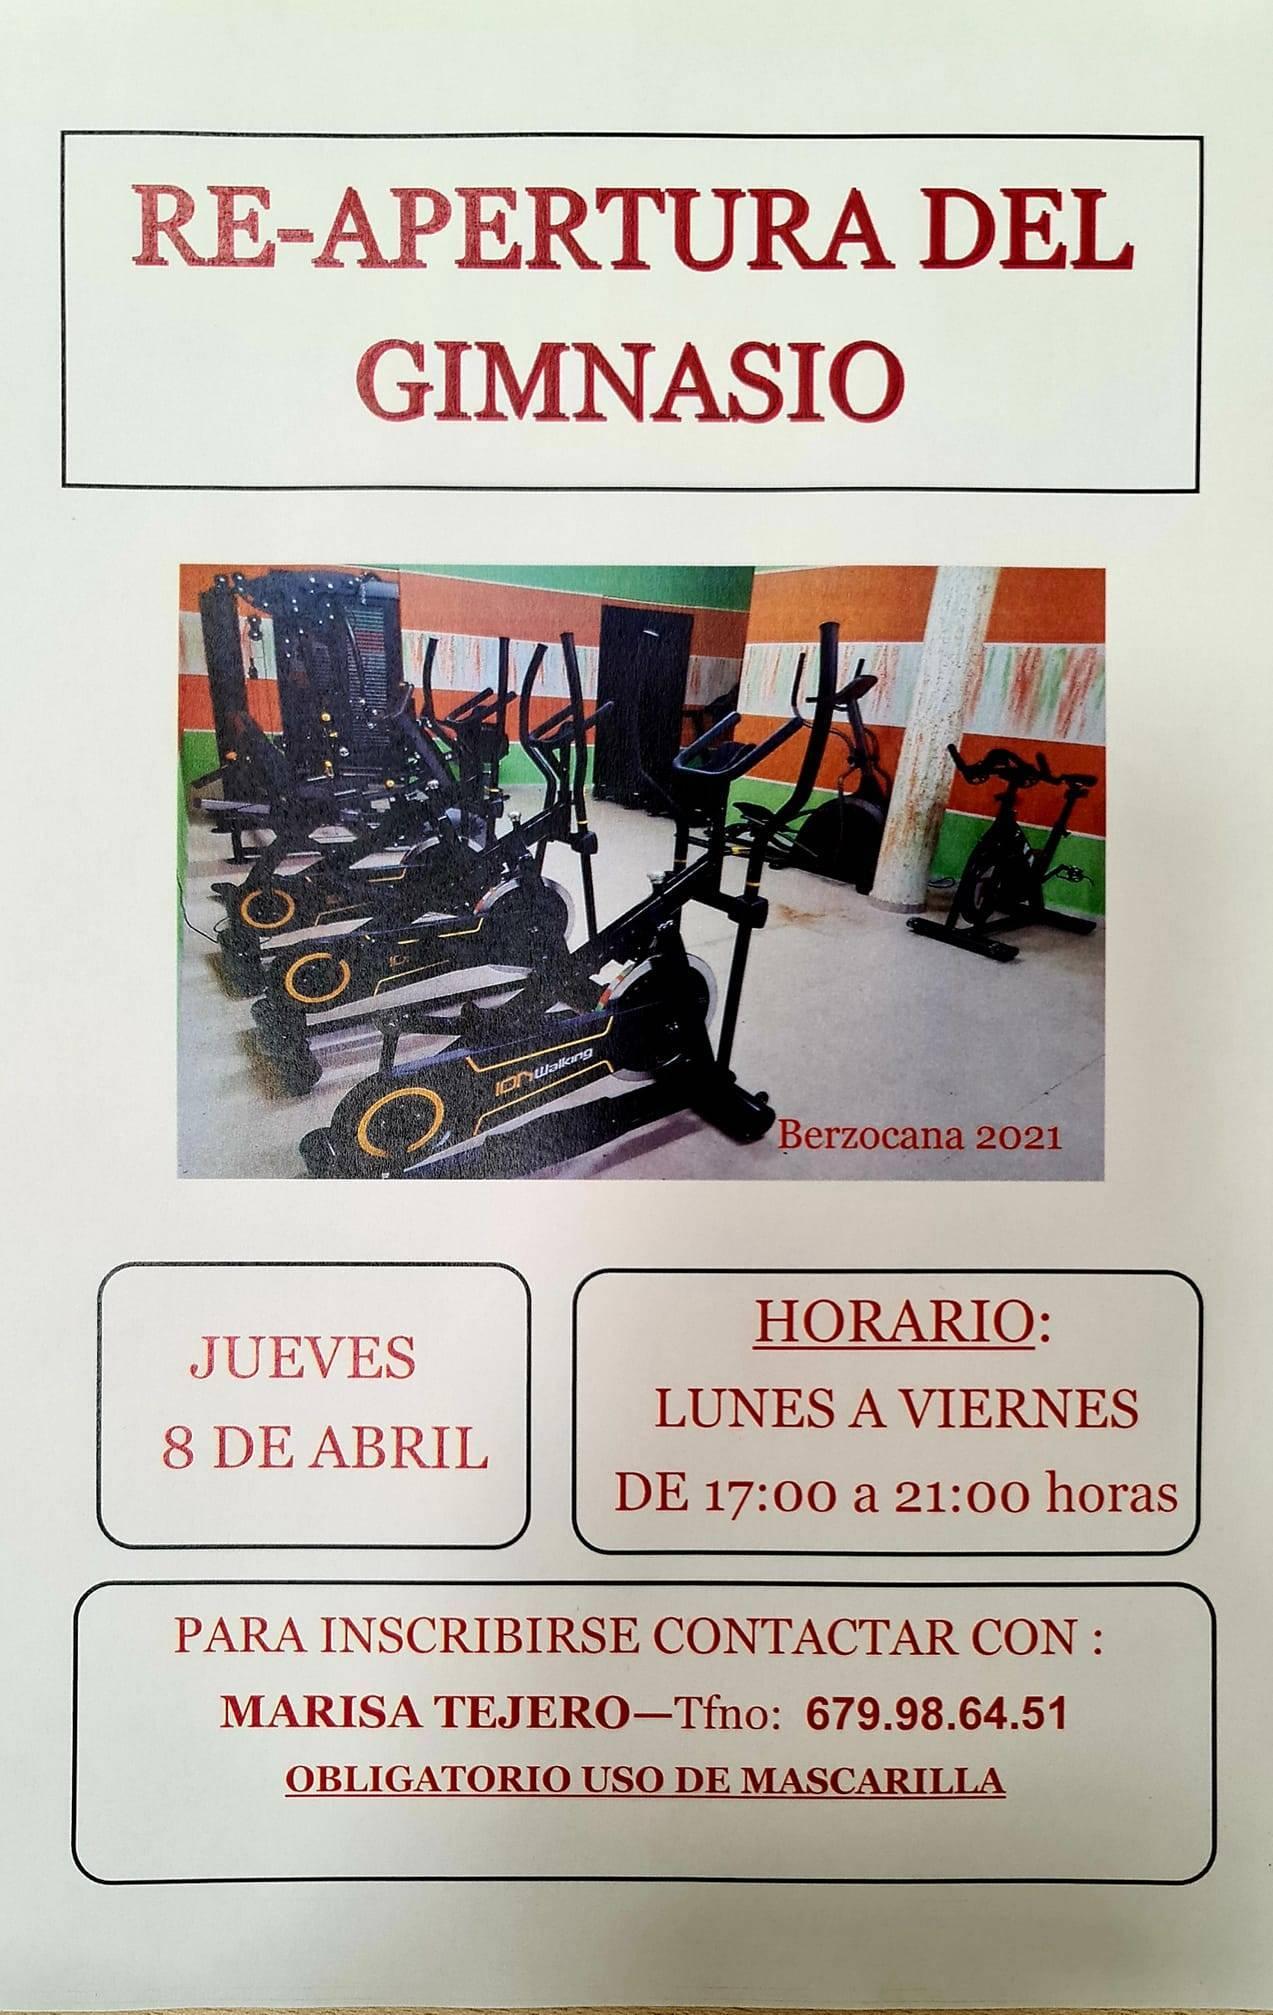 Reapertura del gimnasio (abril 2021) - Berzocana (Cáceres)